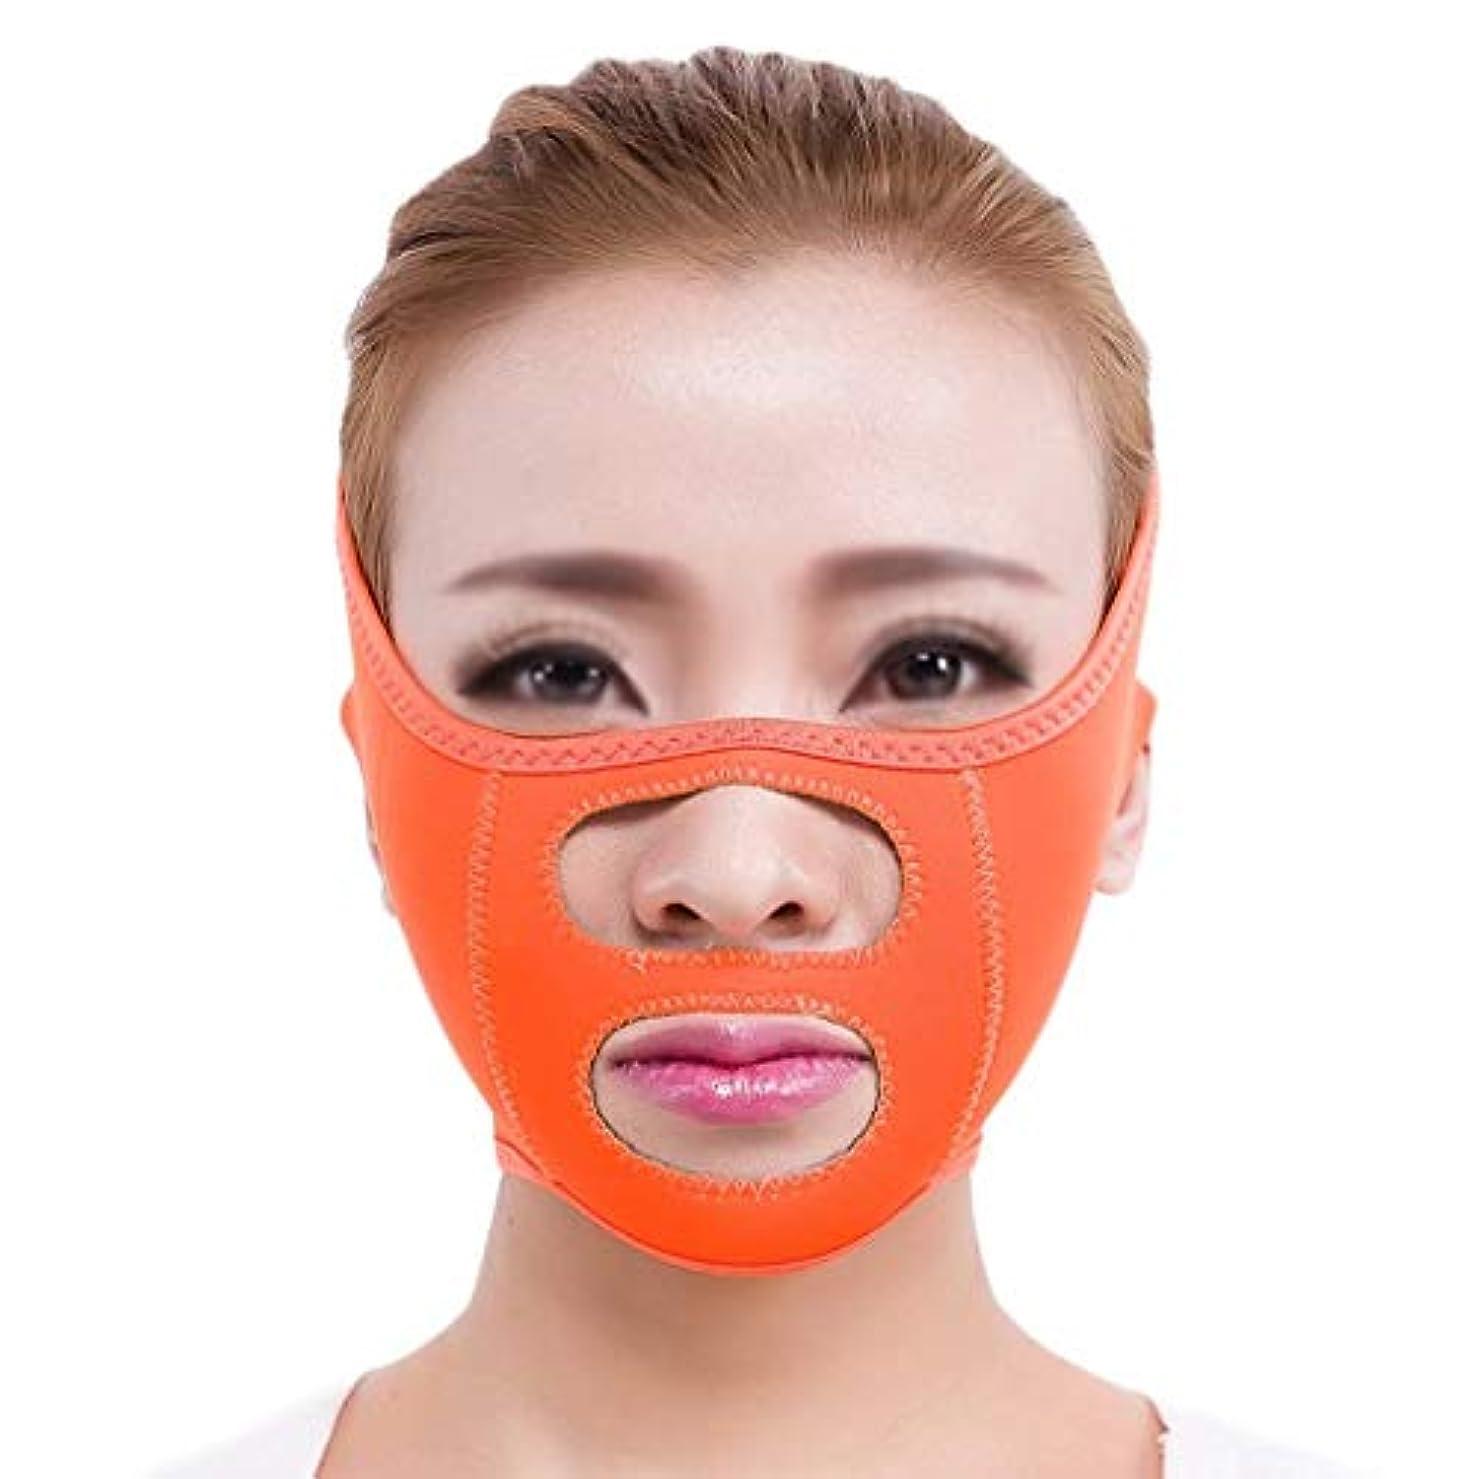 典型的な逃れる豊富にチンストラップ、フェイスリフティングマスク、ダブルチン、フェイスリフティングに最適、リフティングフェイシャルスキン、フェイシャル減量マスク、フェイスリフティングベルト(フリーサイズ)(カラー:ブルー),オレンジ